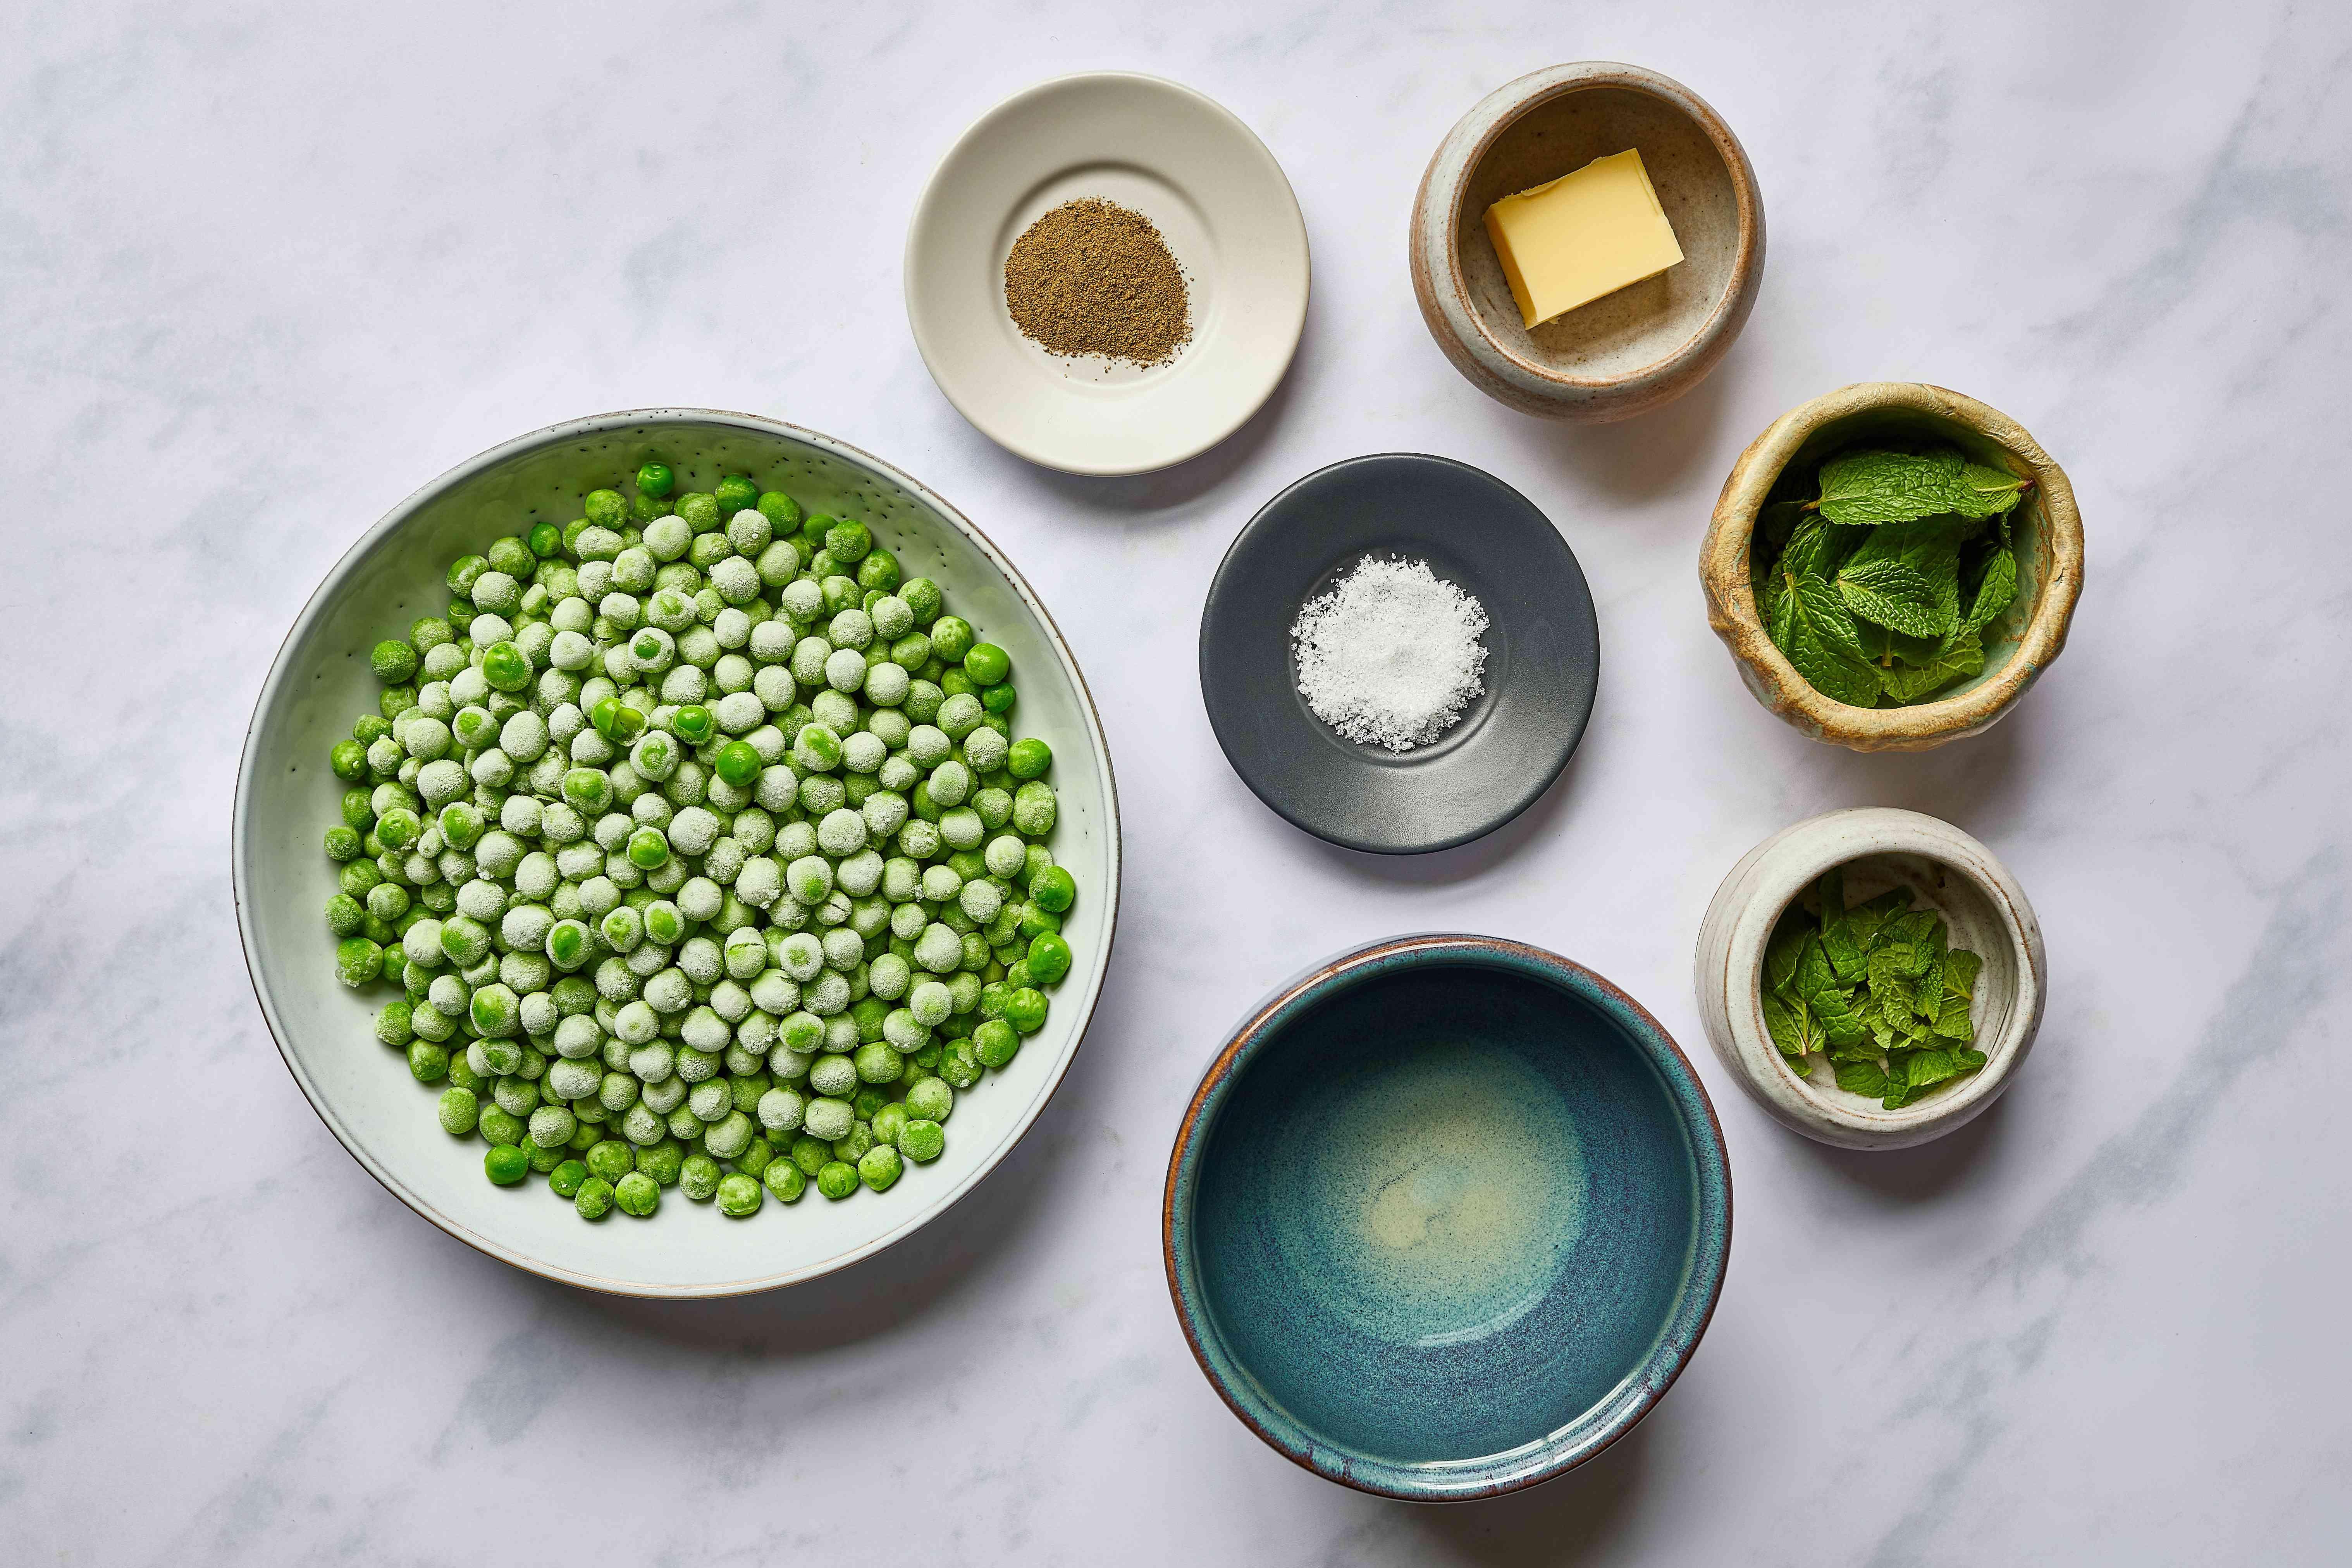 Minted Pea Purée ingredients